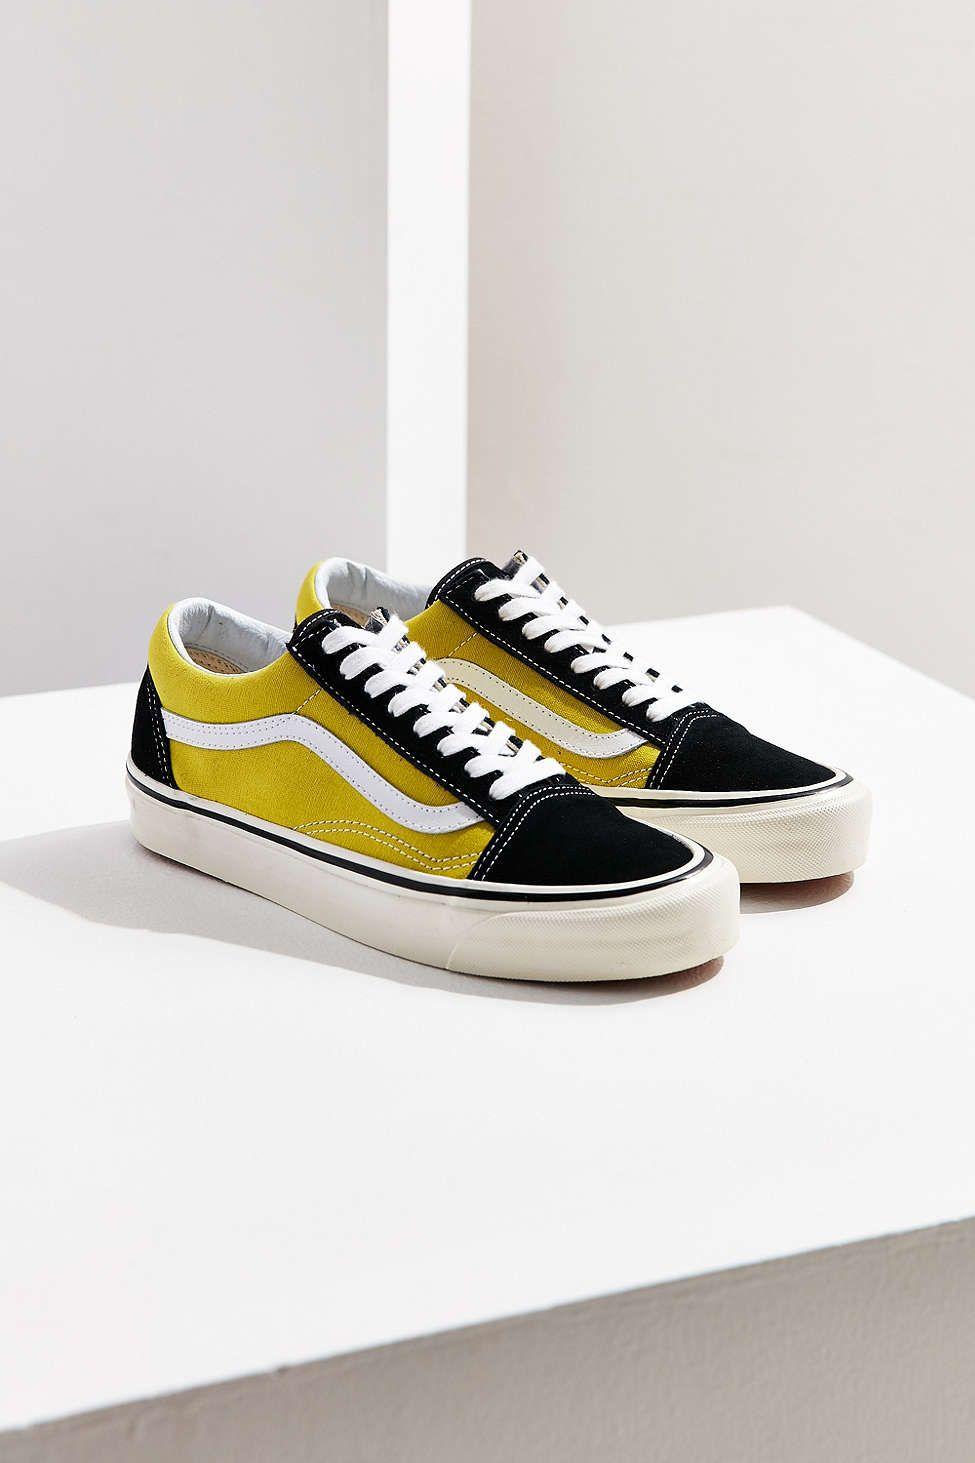 32d251256c5 Vans Anaheim Factory Old Skool 36 DX Sneaker